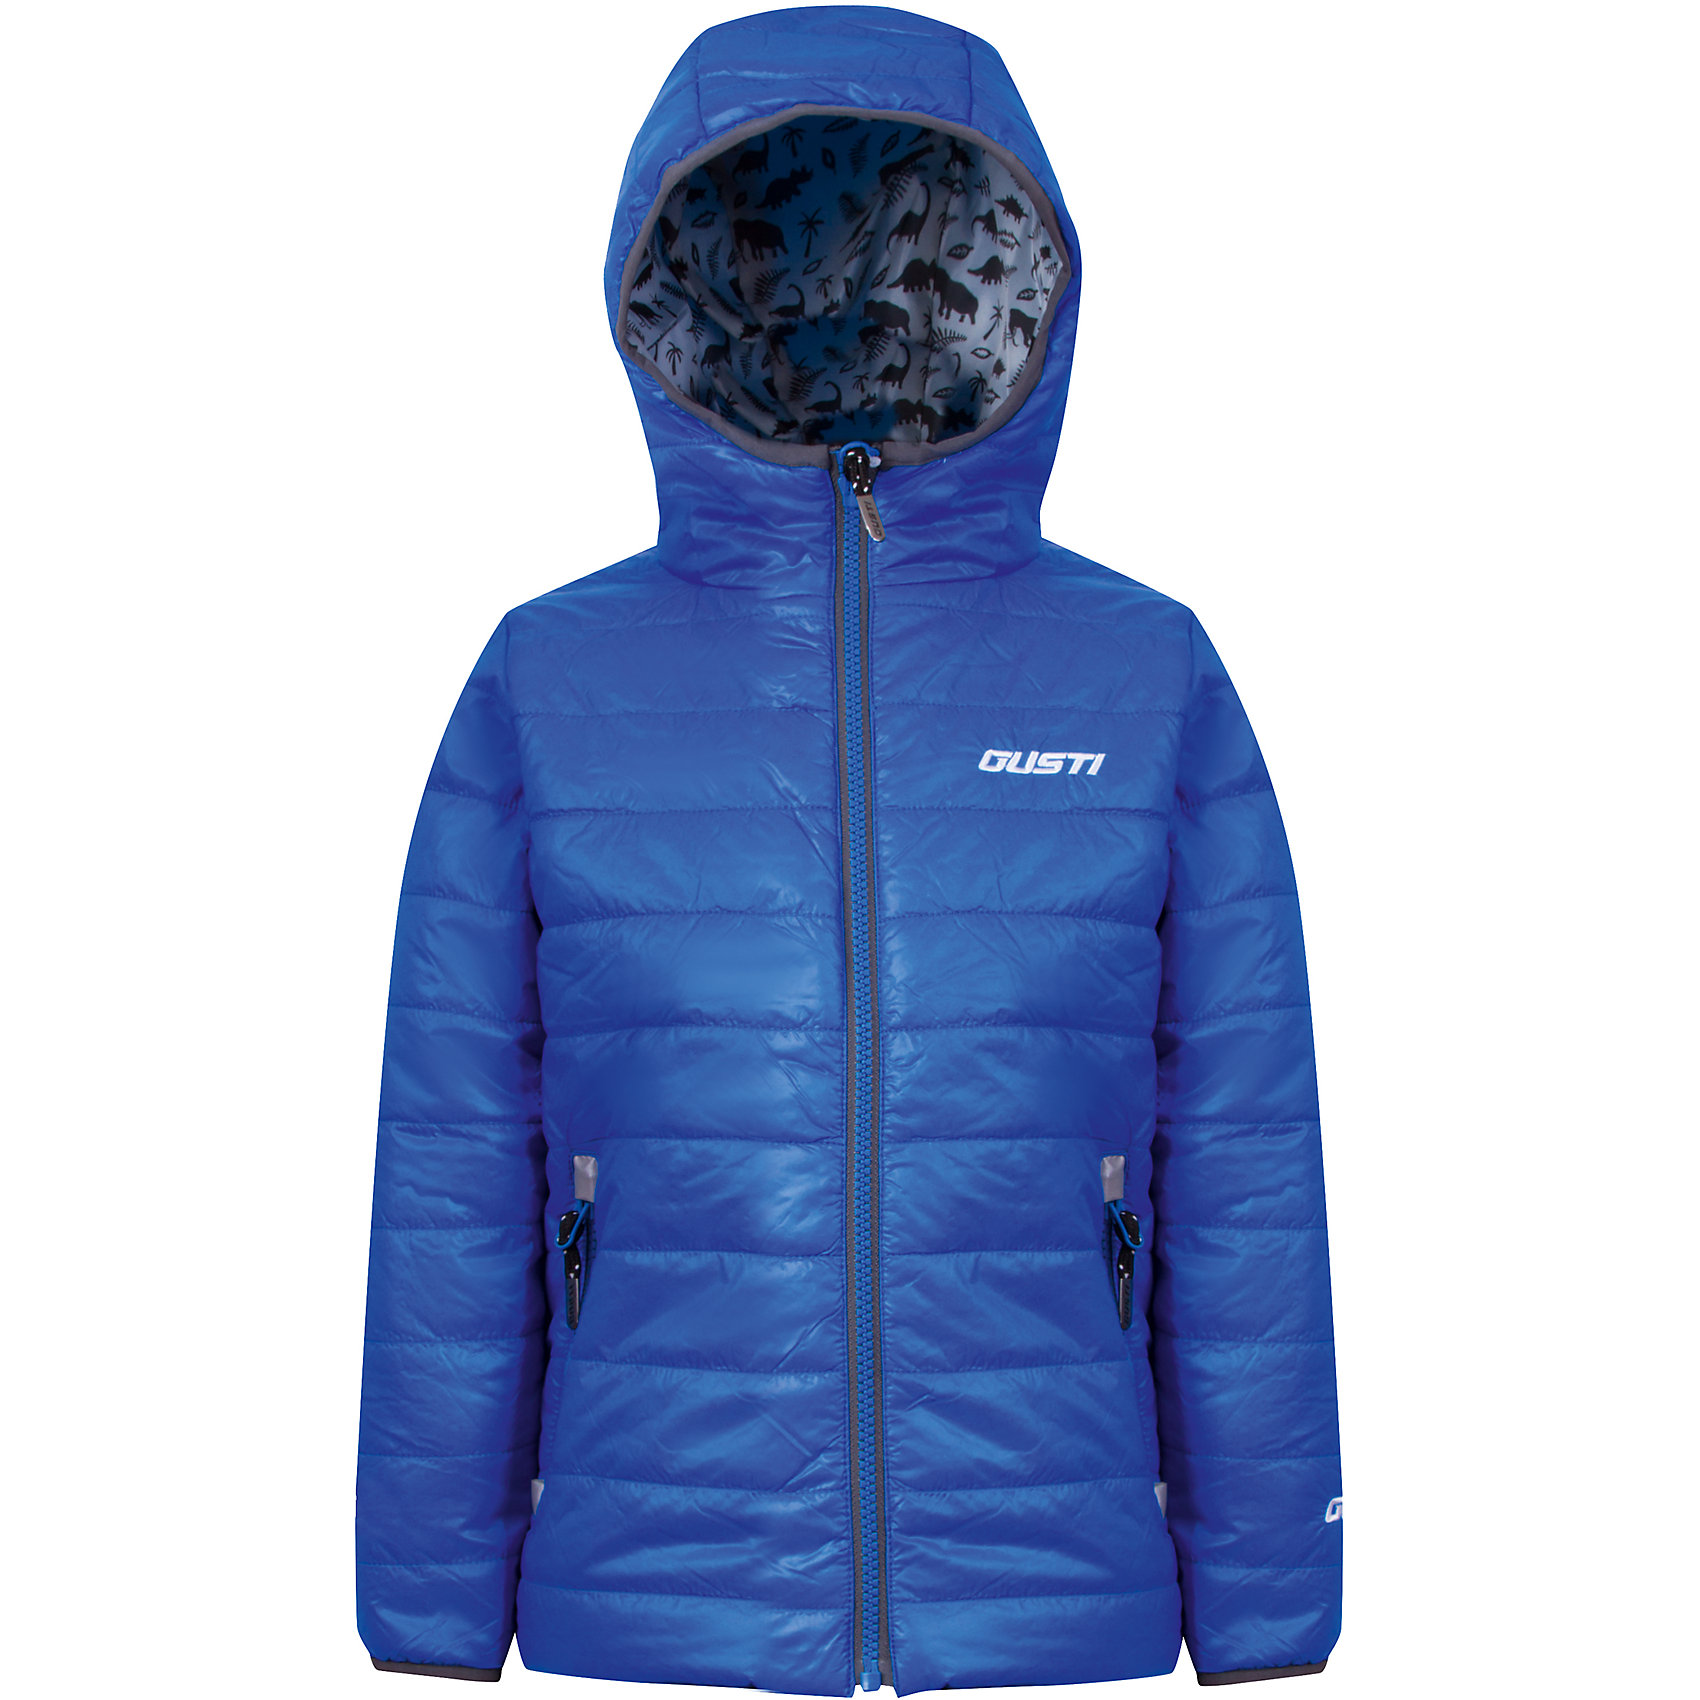 Куртка для мальчика GustiХарактеристики товара:<br><br>• цвет: голубой<br>• состав: 100% полиэстер, полиуретановое покрытие, подкладка - 100% полиэстер<br>• наполнитель: 100 гр teck polifill<br>• температурный режим: от +5° С до +15° С<br>• водонепроницаемый материал<br>• капюшон<br>• карманы<br>• водонепроницаемость: 2000 мм<br>• паропроницаемость: 2000 г/м2<br>• комфортная посадка<br>• светоотражающие элементы<br>• молния<br>• подкладка: таффета<br>• демисезонная<br>• страна бренда: Канада<br><br>Эта демисезонная куртка с мембранной технологией поможет обеспечить ребенку комфорт и тепло. Изделие удобно садится по фигуре, отлично смотрится с различным низом и обувью. Куртка модно выглядит, она хорошо защищает от ветра и влаги. Материал отлично подходит для дождливой погоды. Стильный дизайн разрабатывался специально для детей.<br><br>Куртку для мальчика от известного бренда Gusti (Густи) можно купить в нашем интернет-магазине.<br><br>Ширина мм: 356<br>Глубина мм: 10<br>Высота мм: 245<br>Вес г: 519<br>Цвет: синий<br>Возраст от месяцев: 24<br>Возраст до месяцев: 36<br>Пол: Мужской<br>Возраст: Детский<br>Размер: 98,152,100,92,104,110,116,120,122,128,140<br>SKU: 5452402